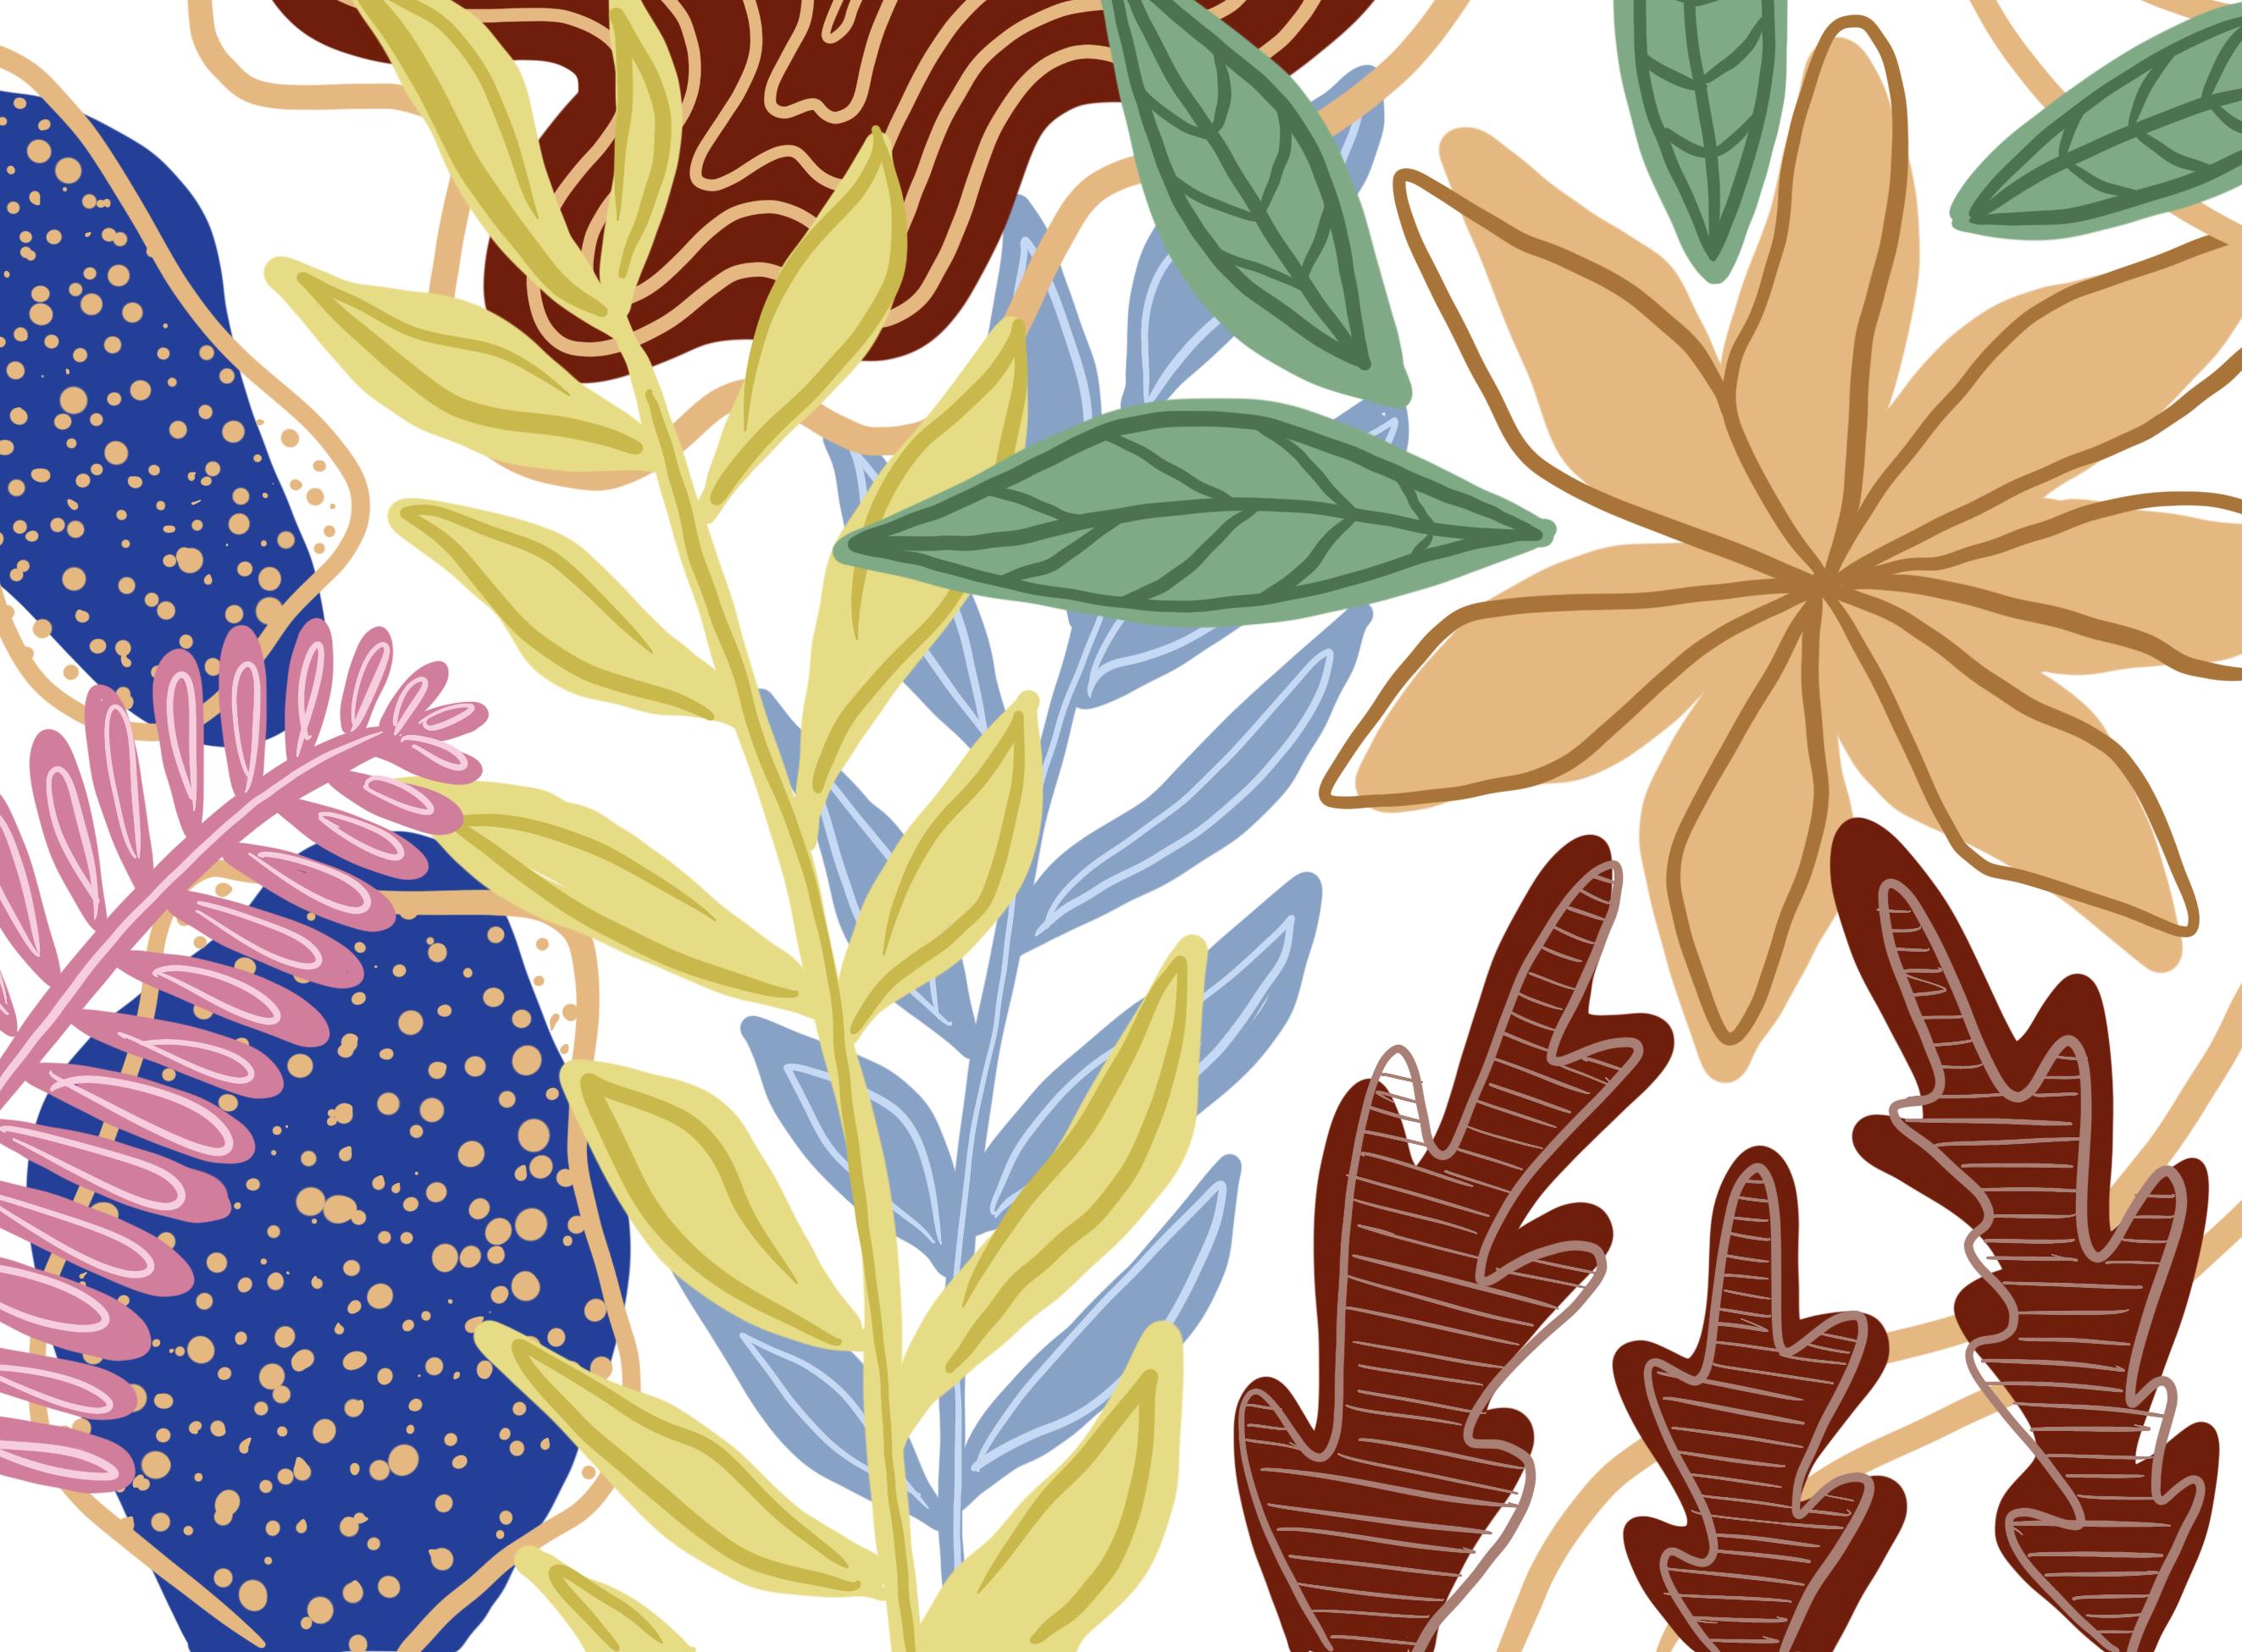 Mural Mockup Background Illustration